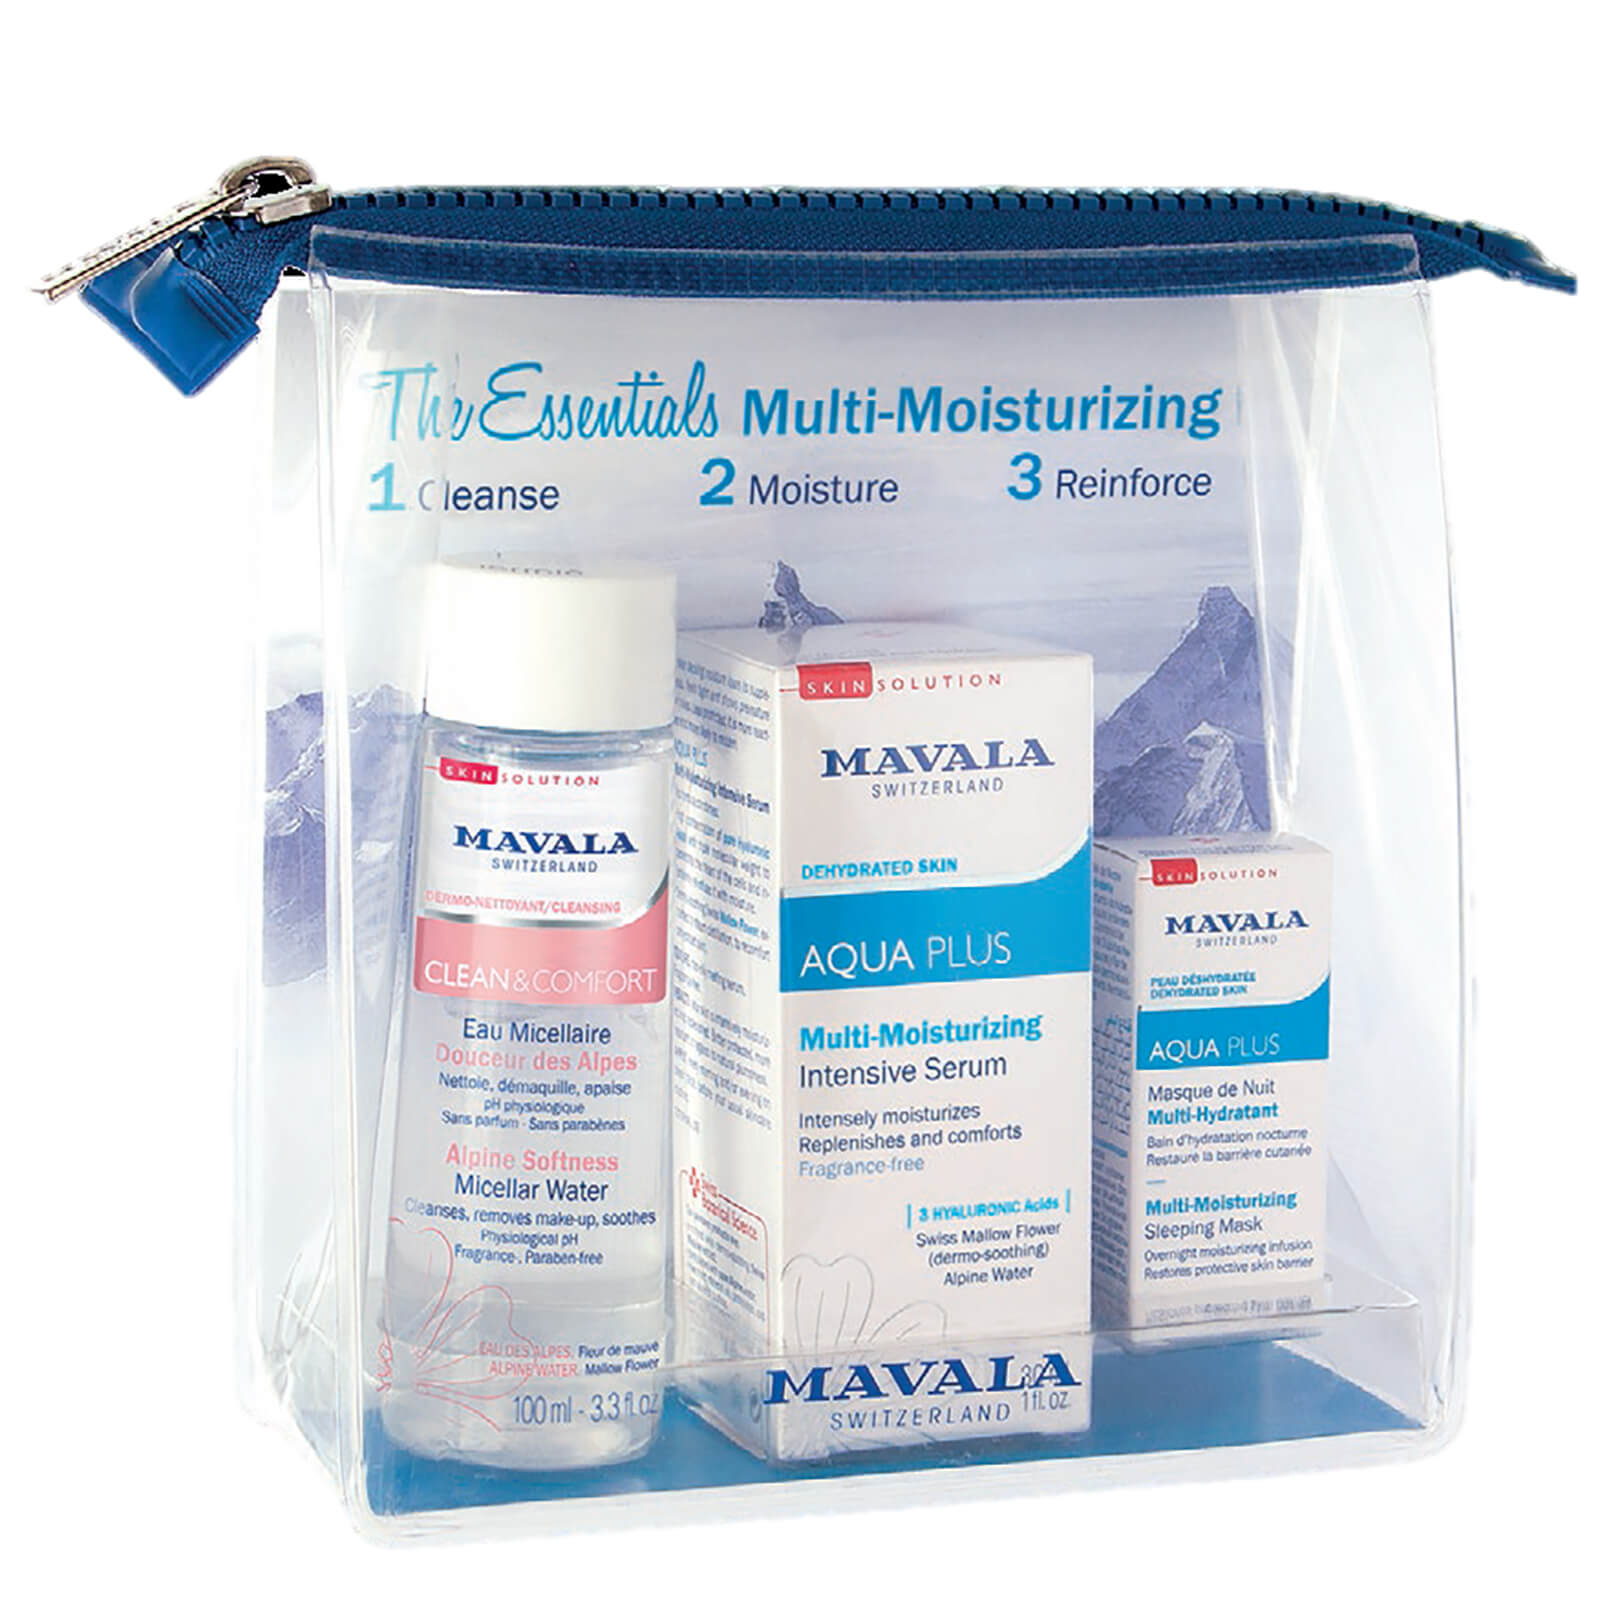 Mavala The Essentials Multi-Moisturising Set (Worth £40.18)